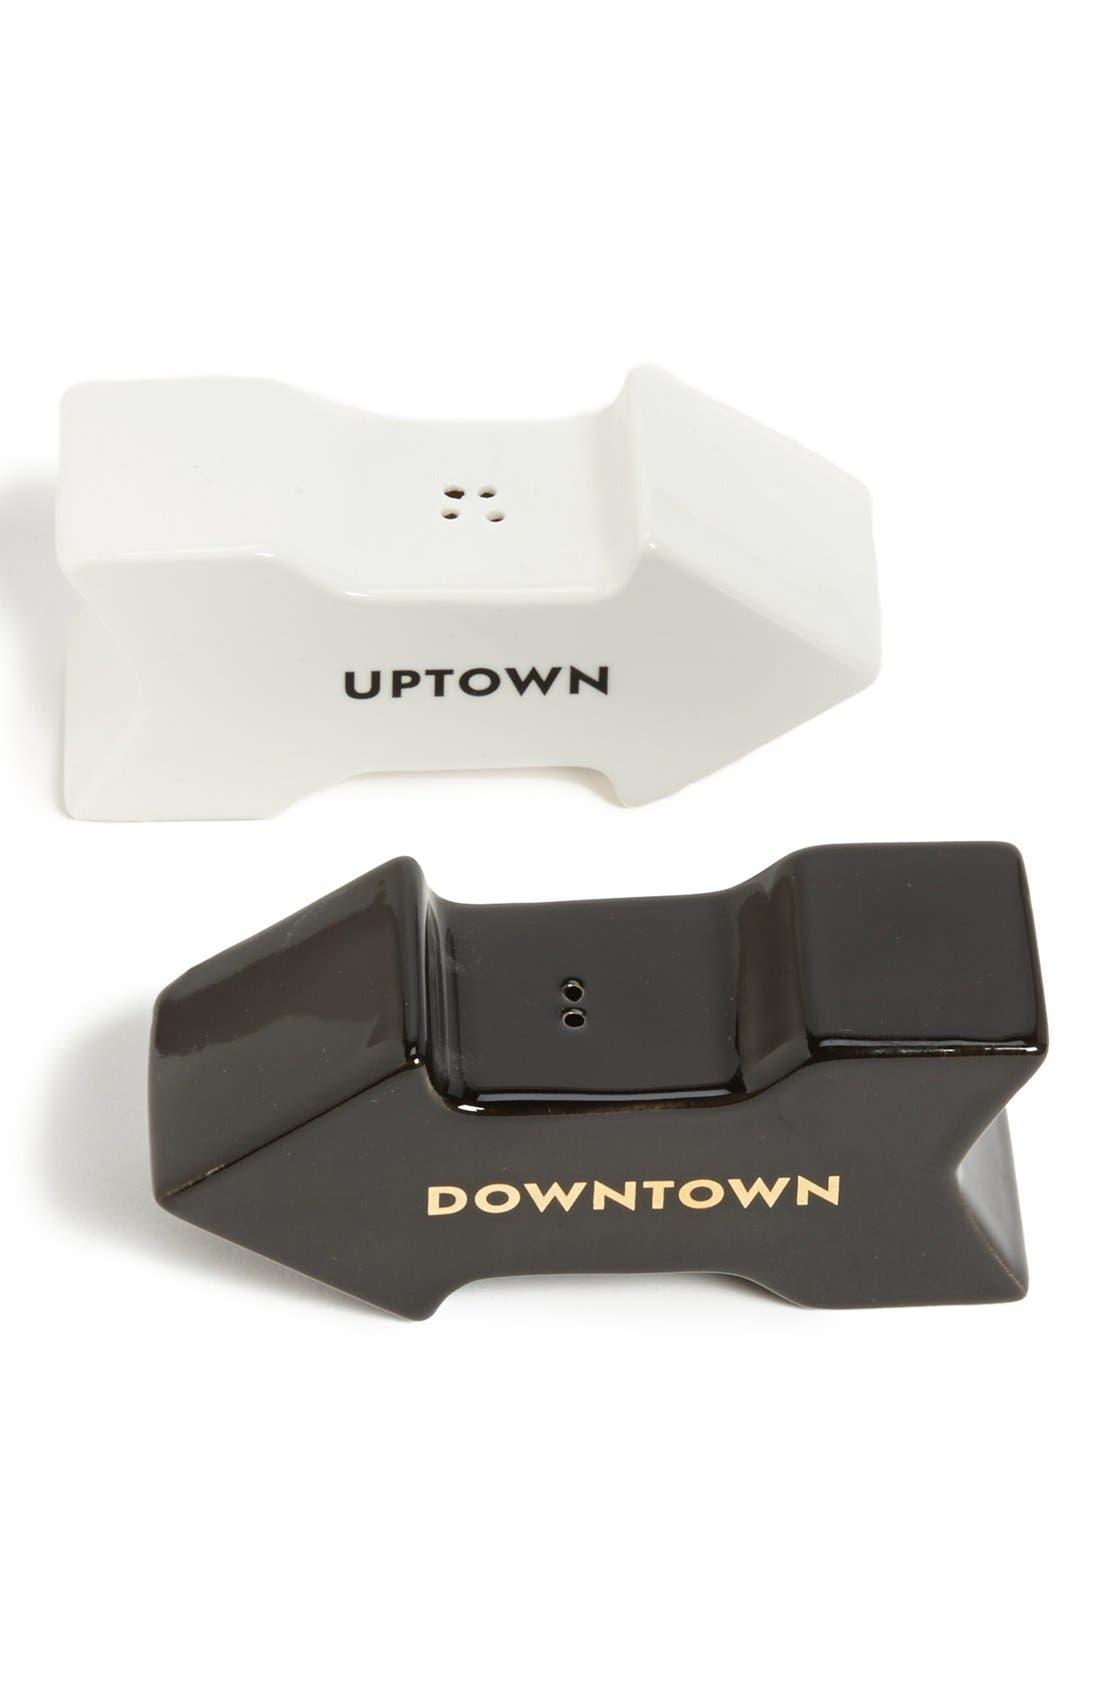 Main Image - kate spade new york 'fairmount park - uptown downtown' salt & pepper set